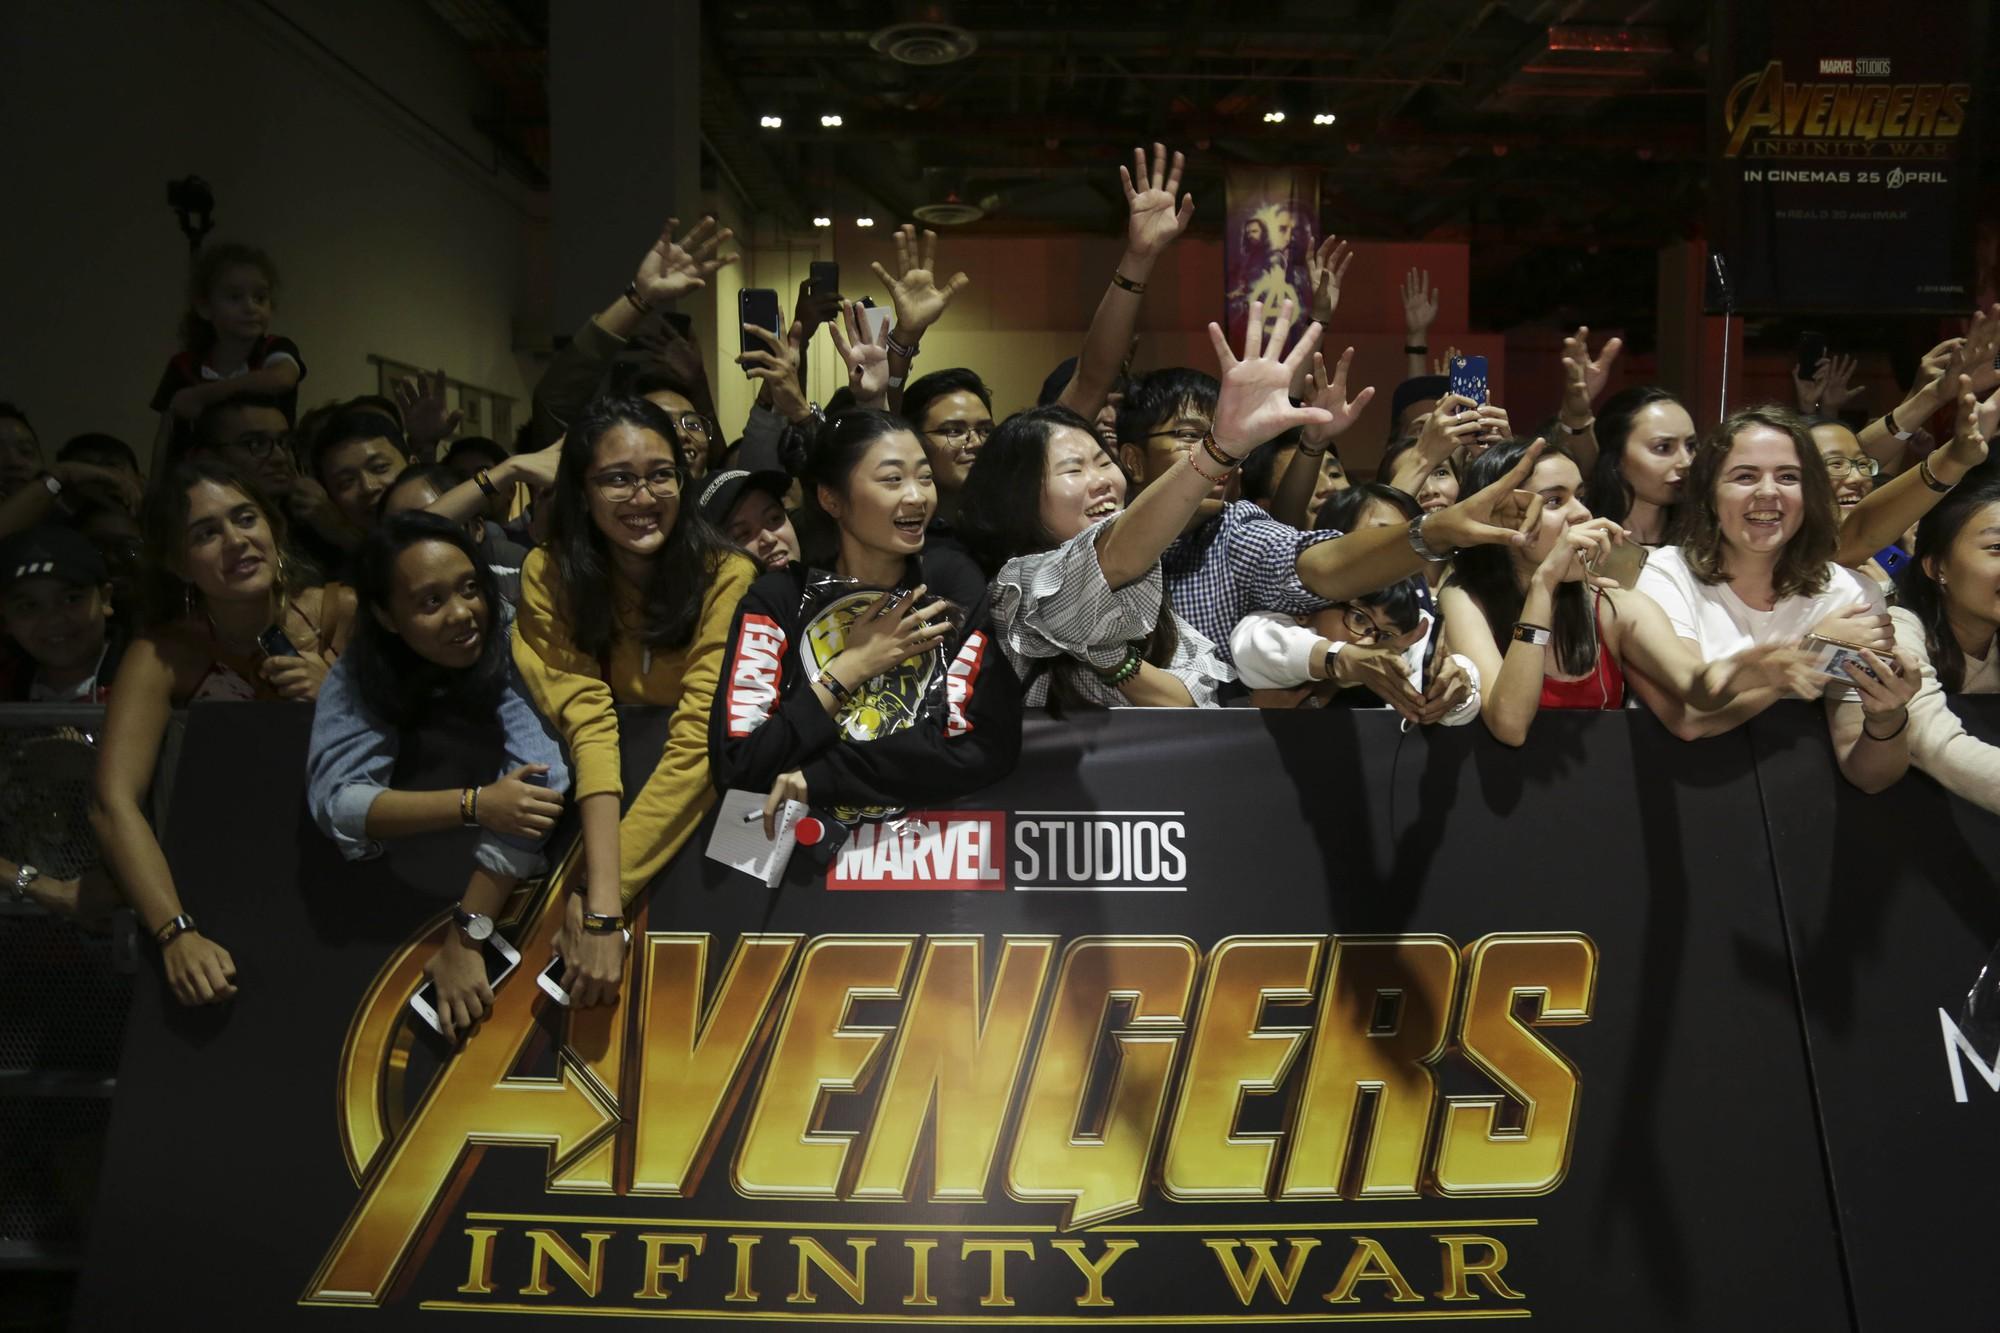 Đôi bạn Phở và JVevermind dắt díu nhau triệu tập biệt đội Avengers trước thềm Infinity War - Ảnh 4.